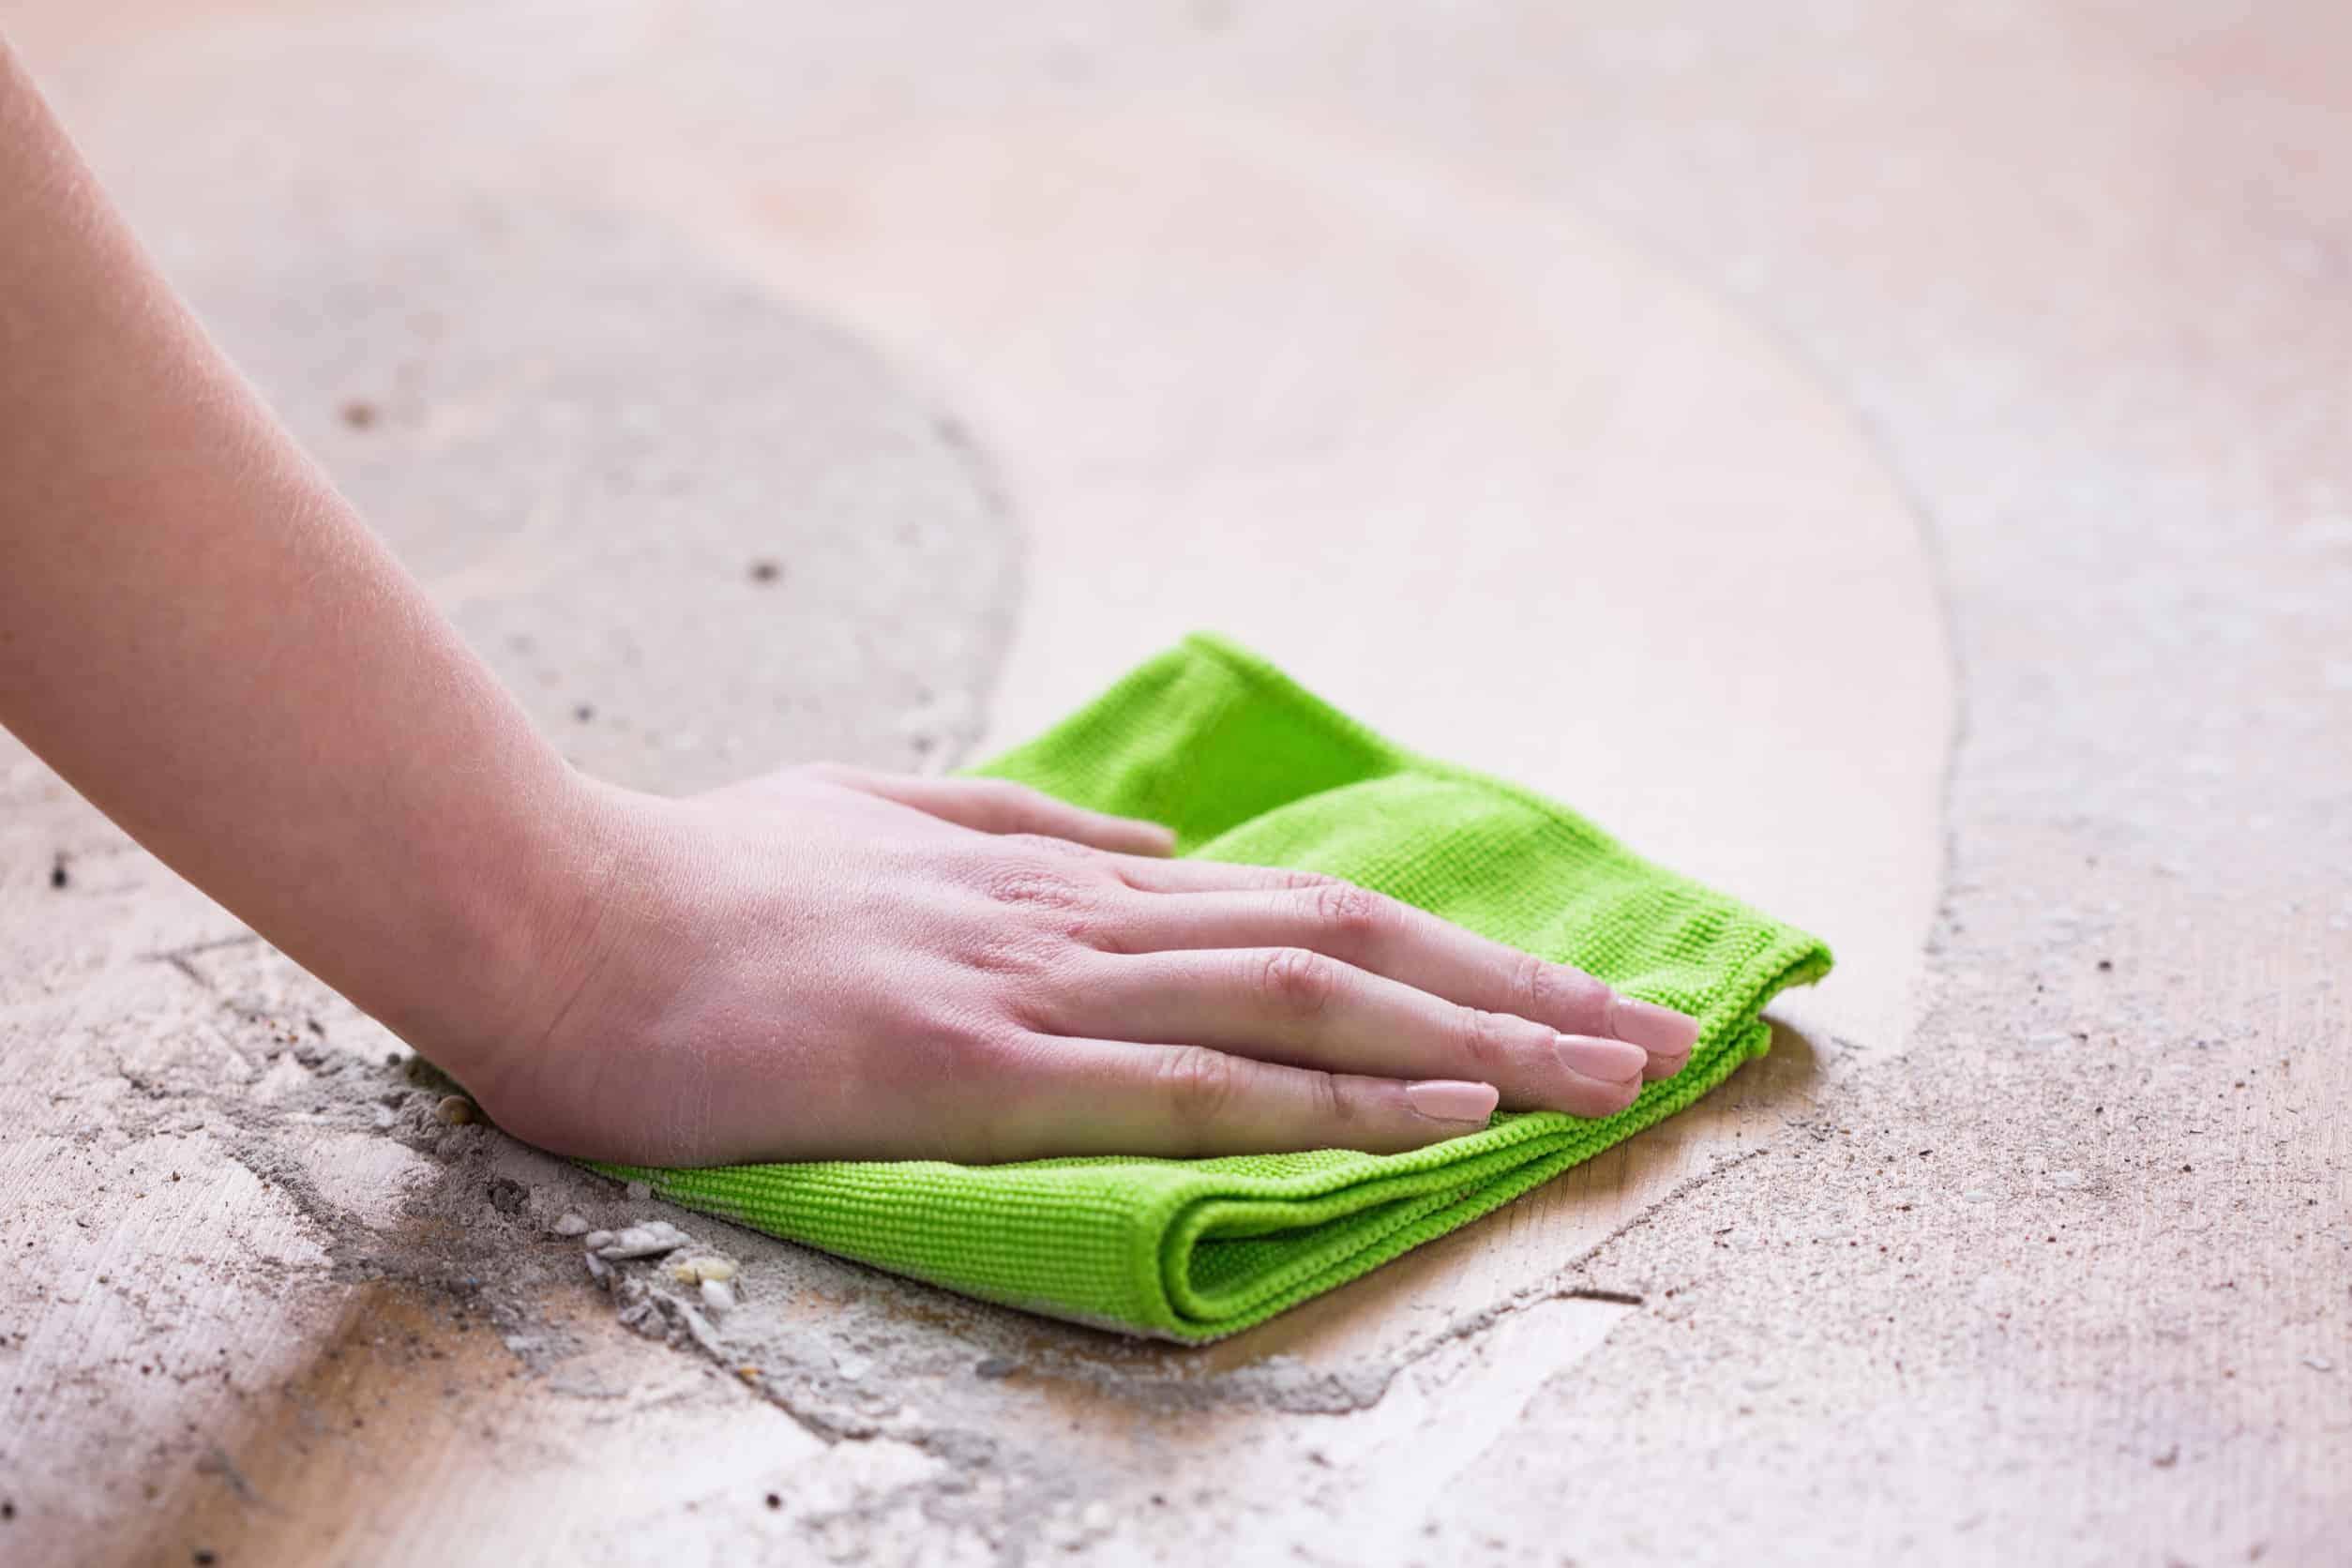 Full Size of Mikrofasertuch Test Empfehlungen 06 20 Meistersauber Bewässerungssysteme Garten Sicherheitsfolie Fenster Betten Dusch Wc Drutex Wohnzimmer Fensterputztuch Test